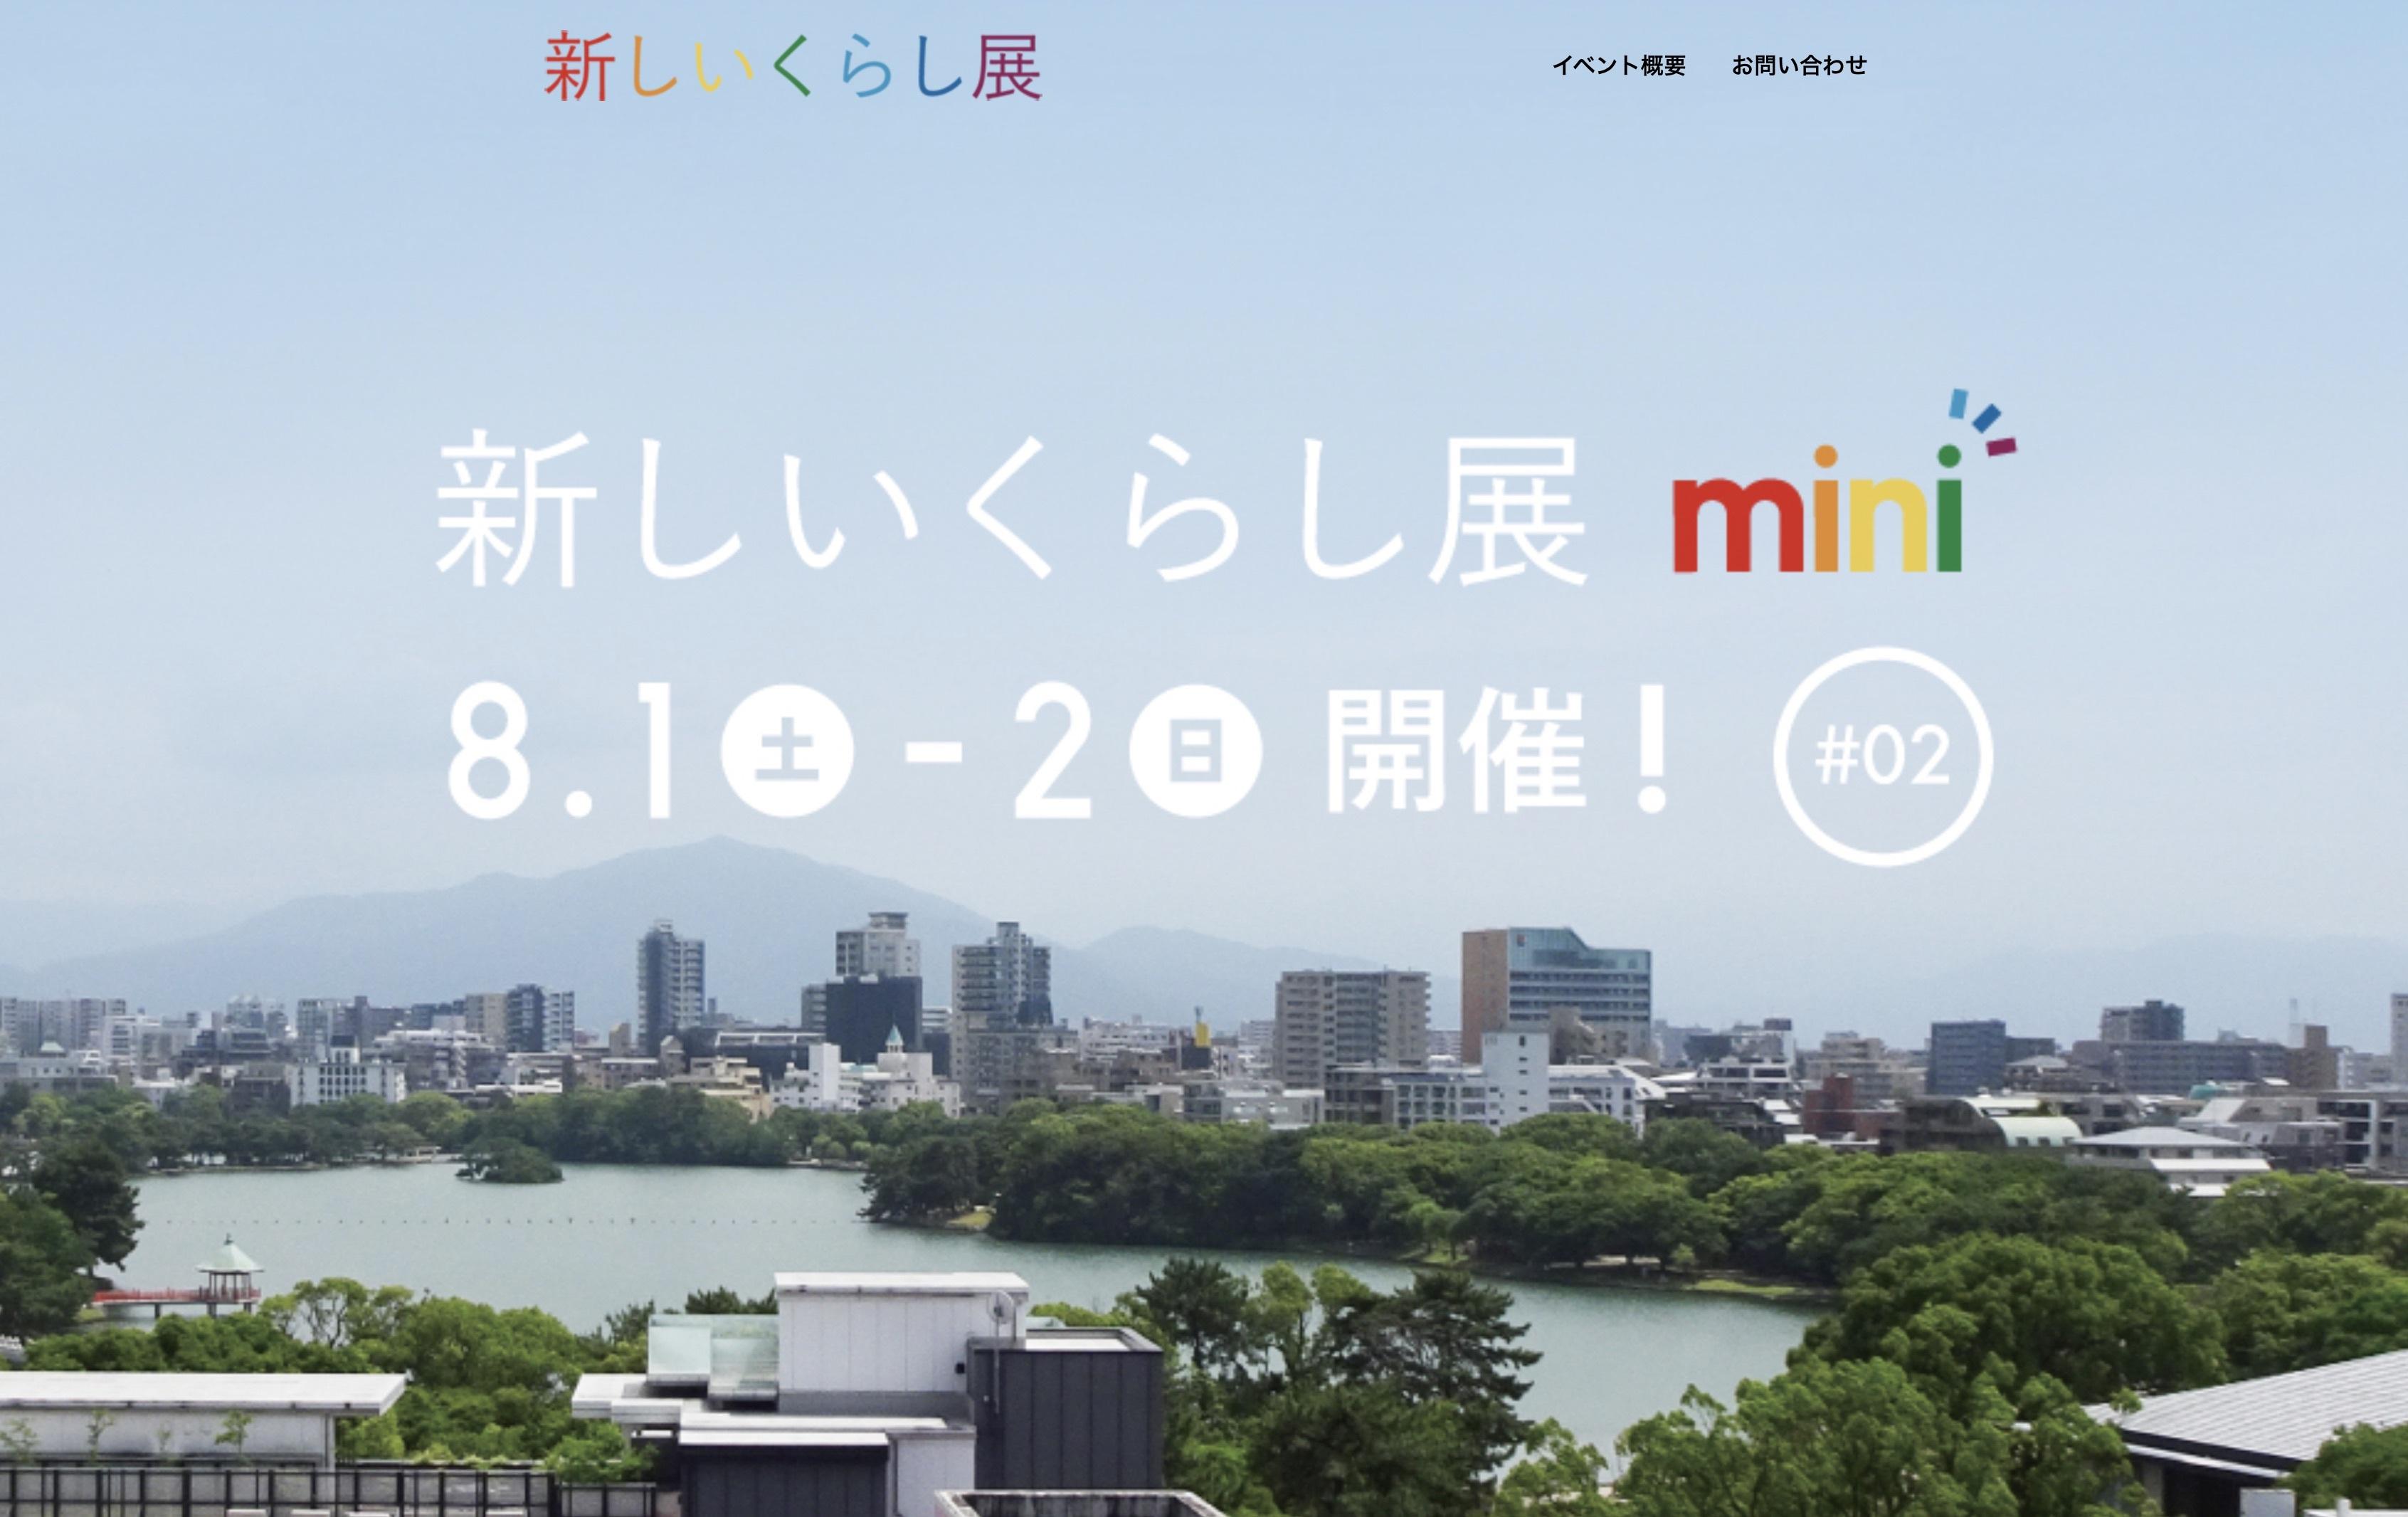 新しいくらし展 mini #02 でインスタライブ開催!